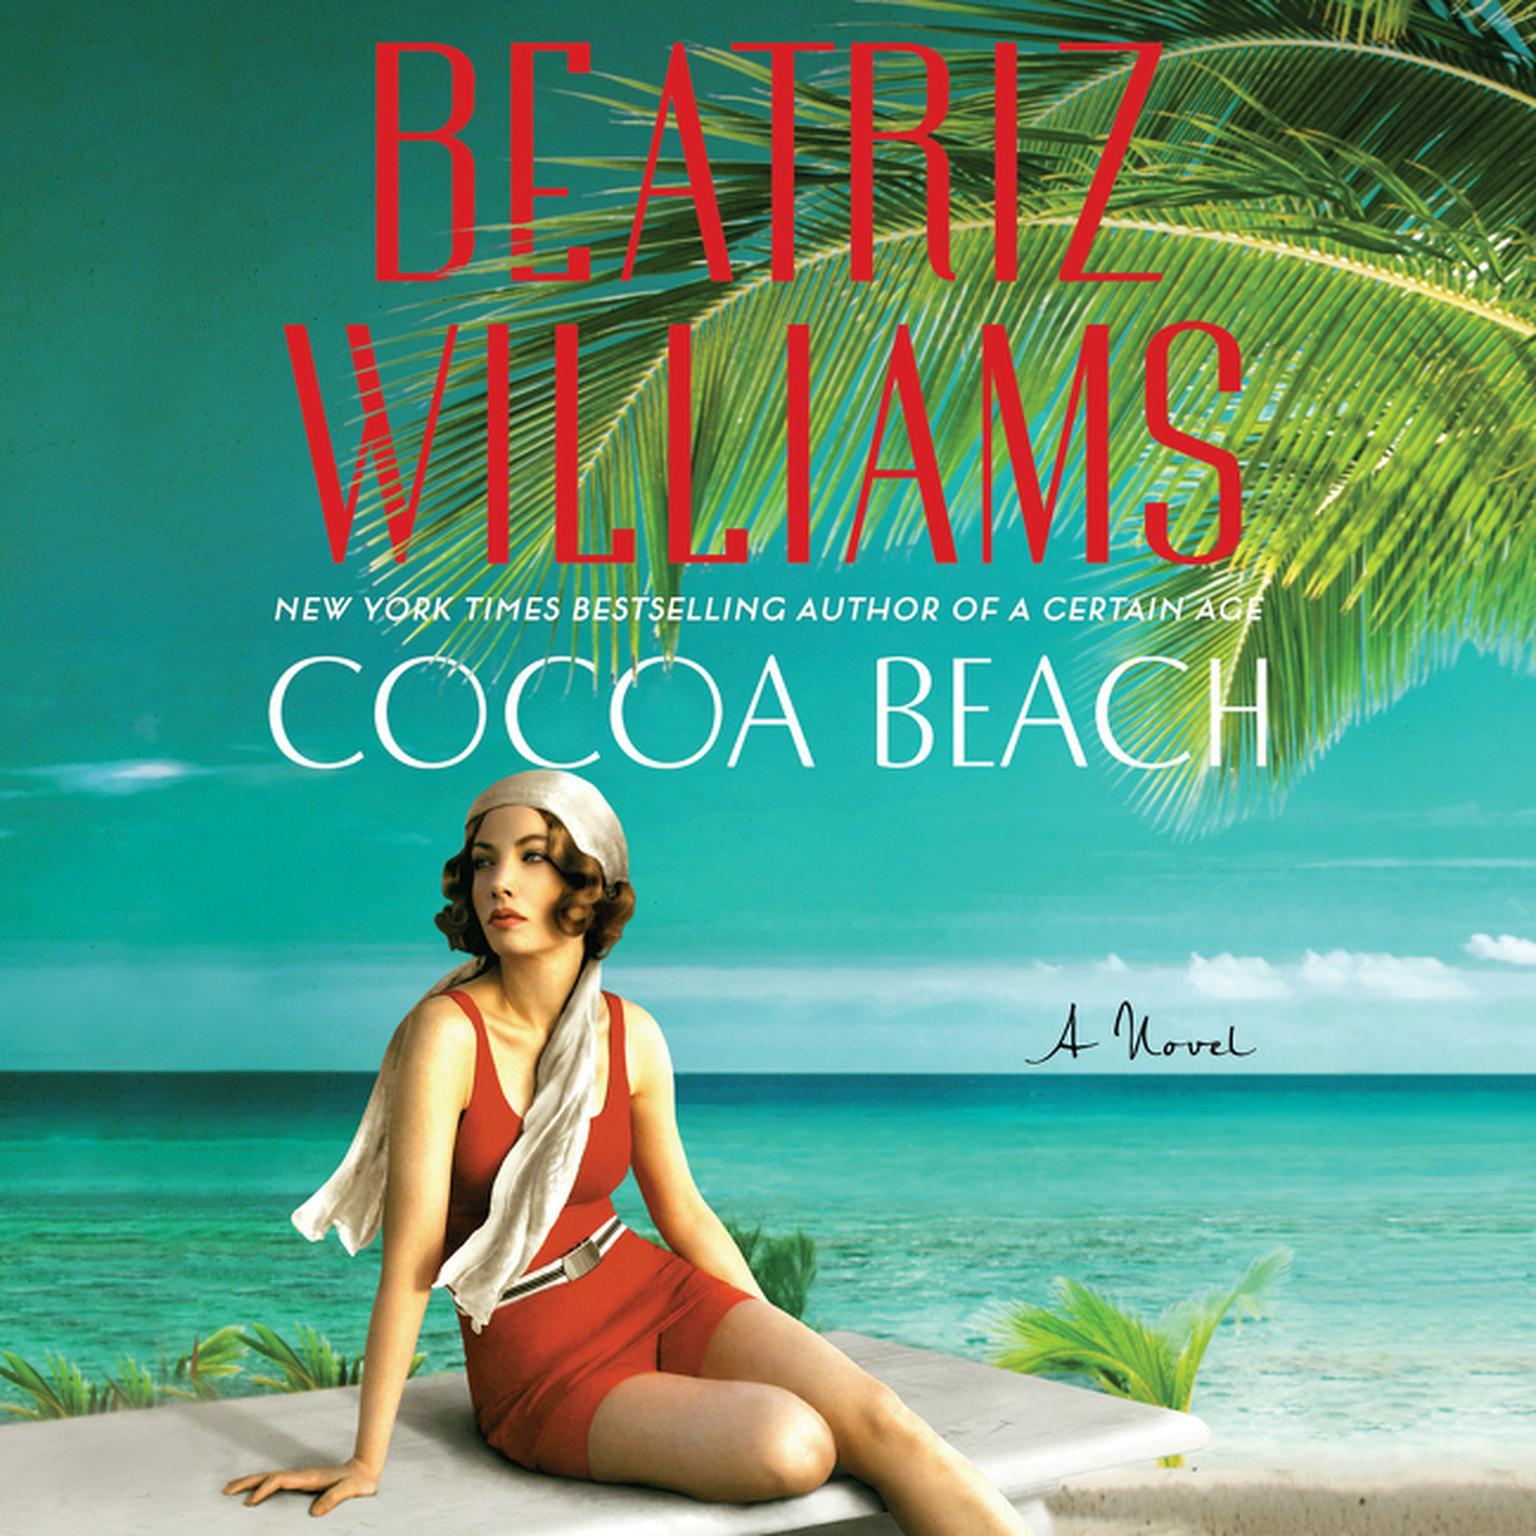 Cocoa Beach: A Novel Audiobook, by Beatriz Williams